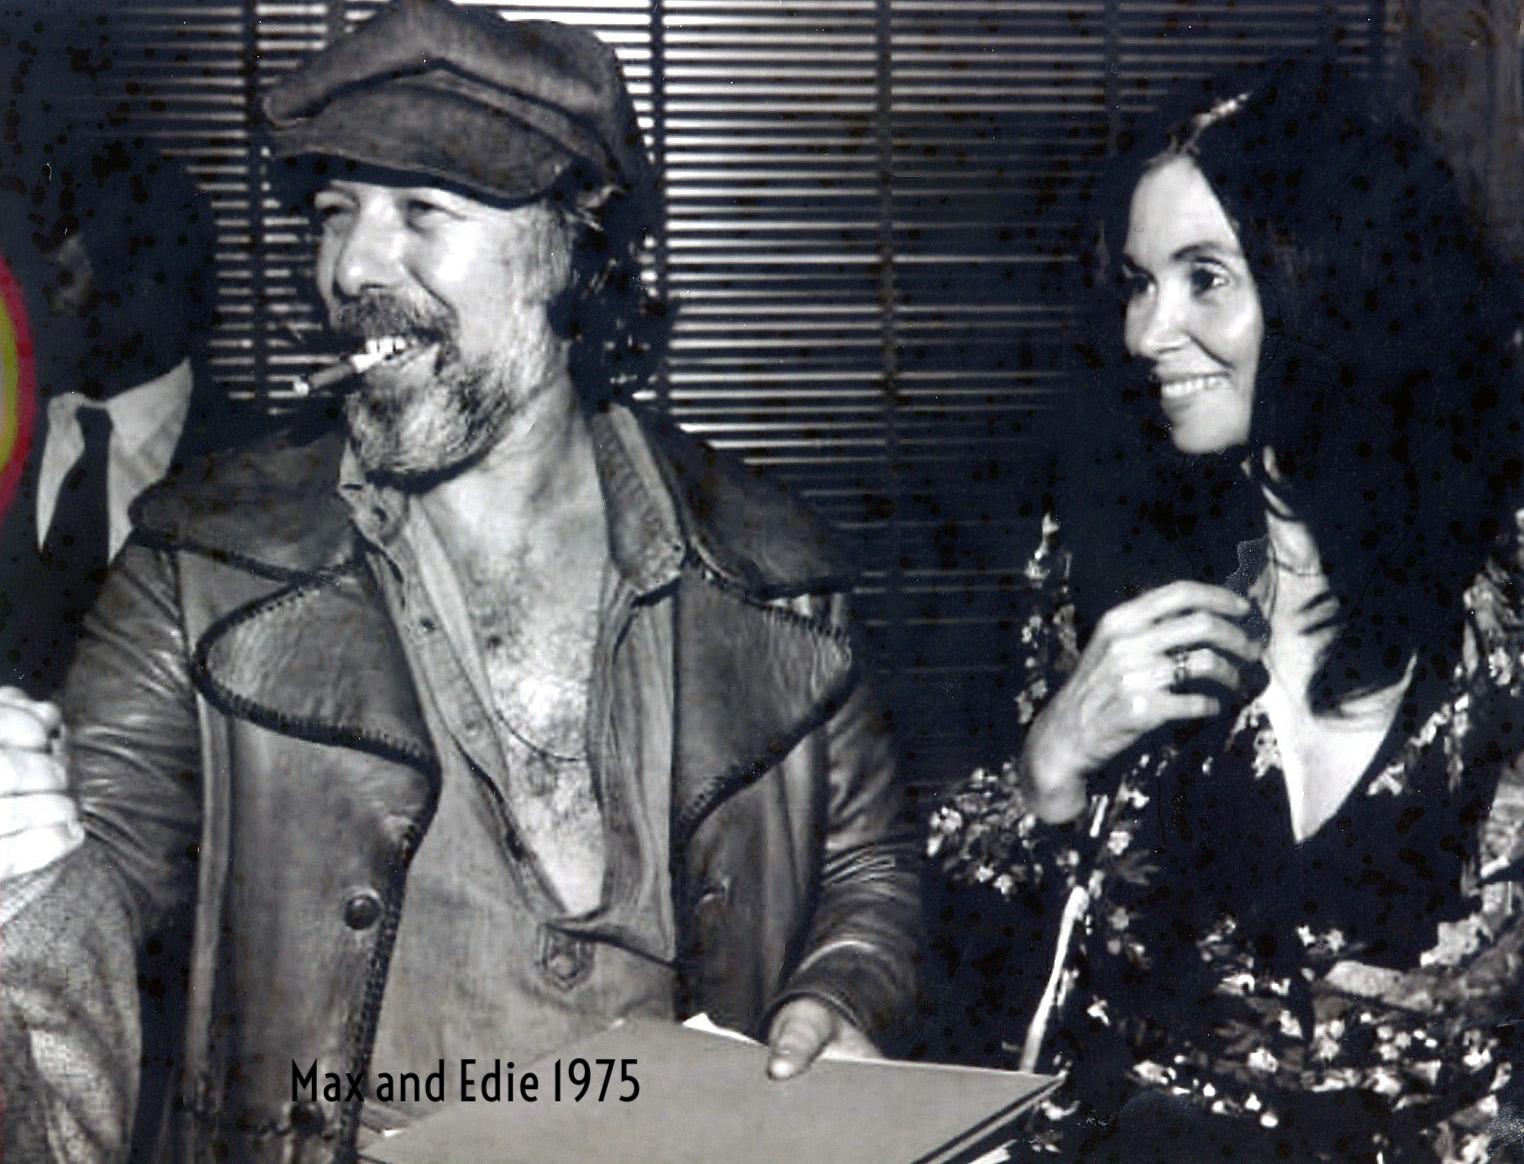 Max and Edie 1972 (1).jpg